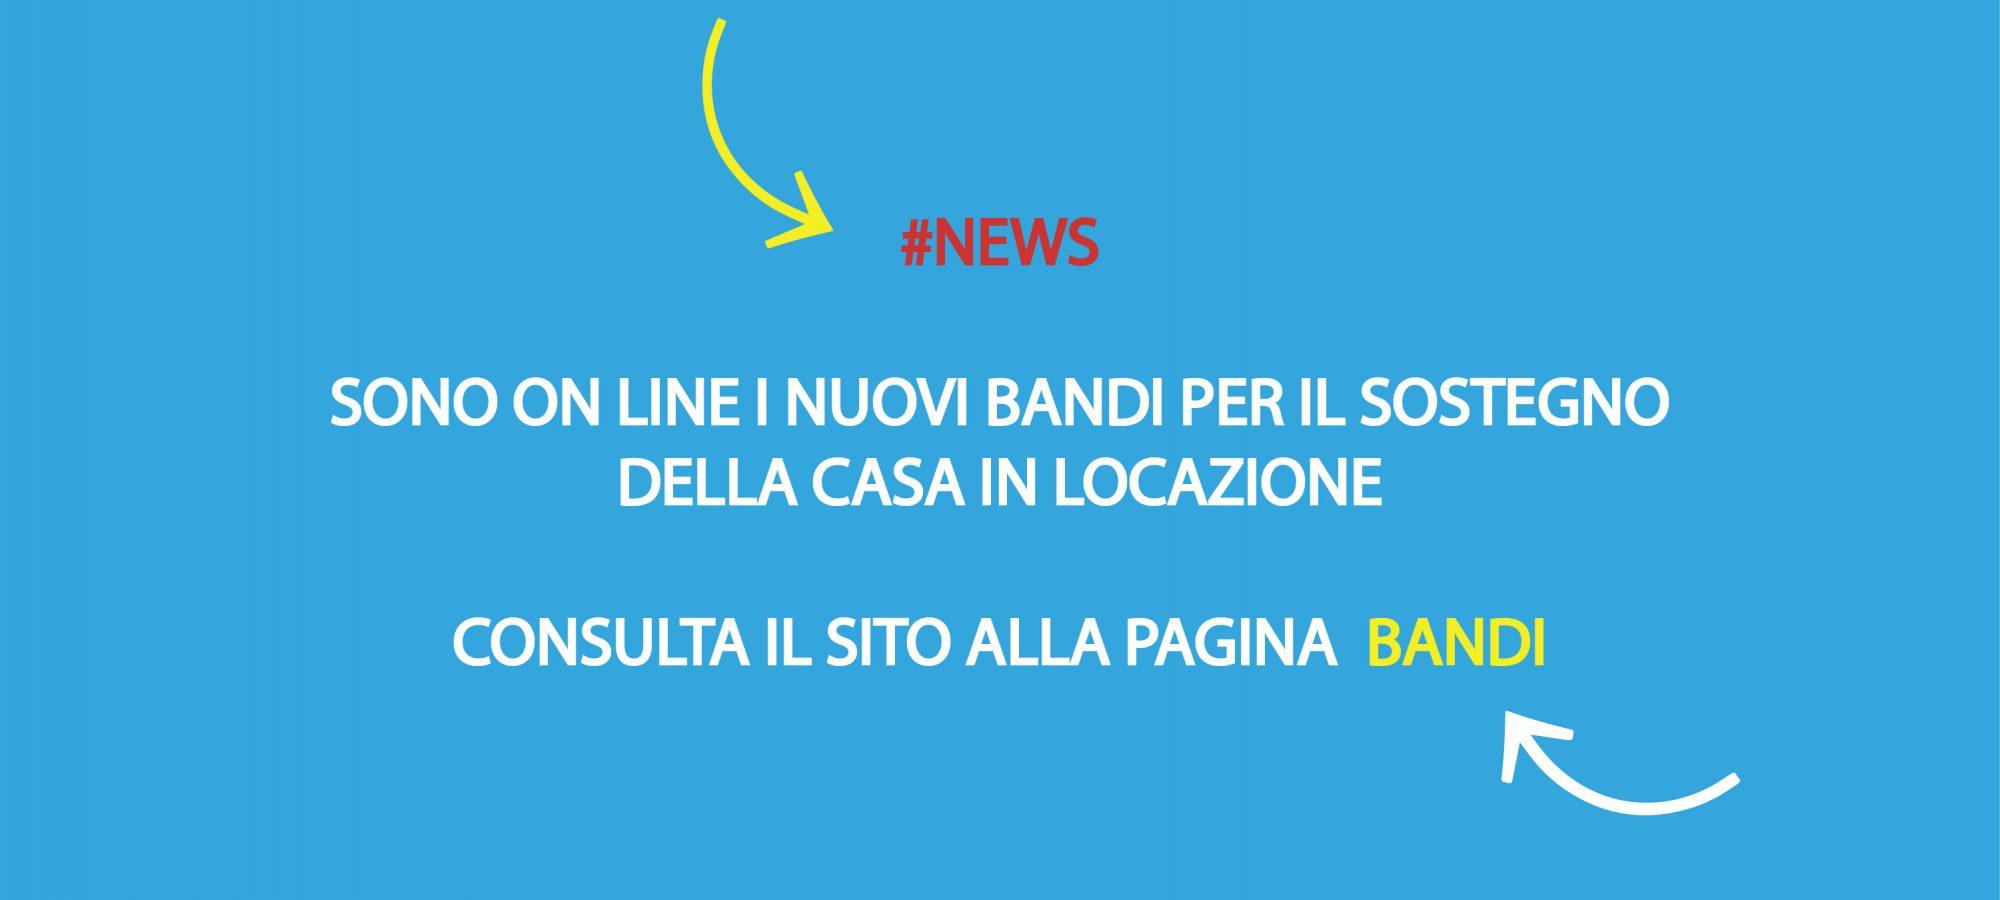 NEWS AVVISI-02